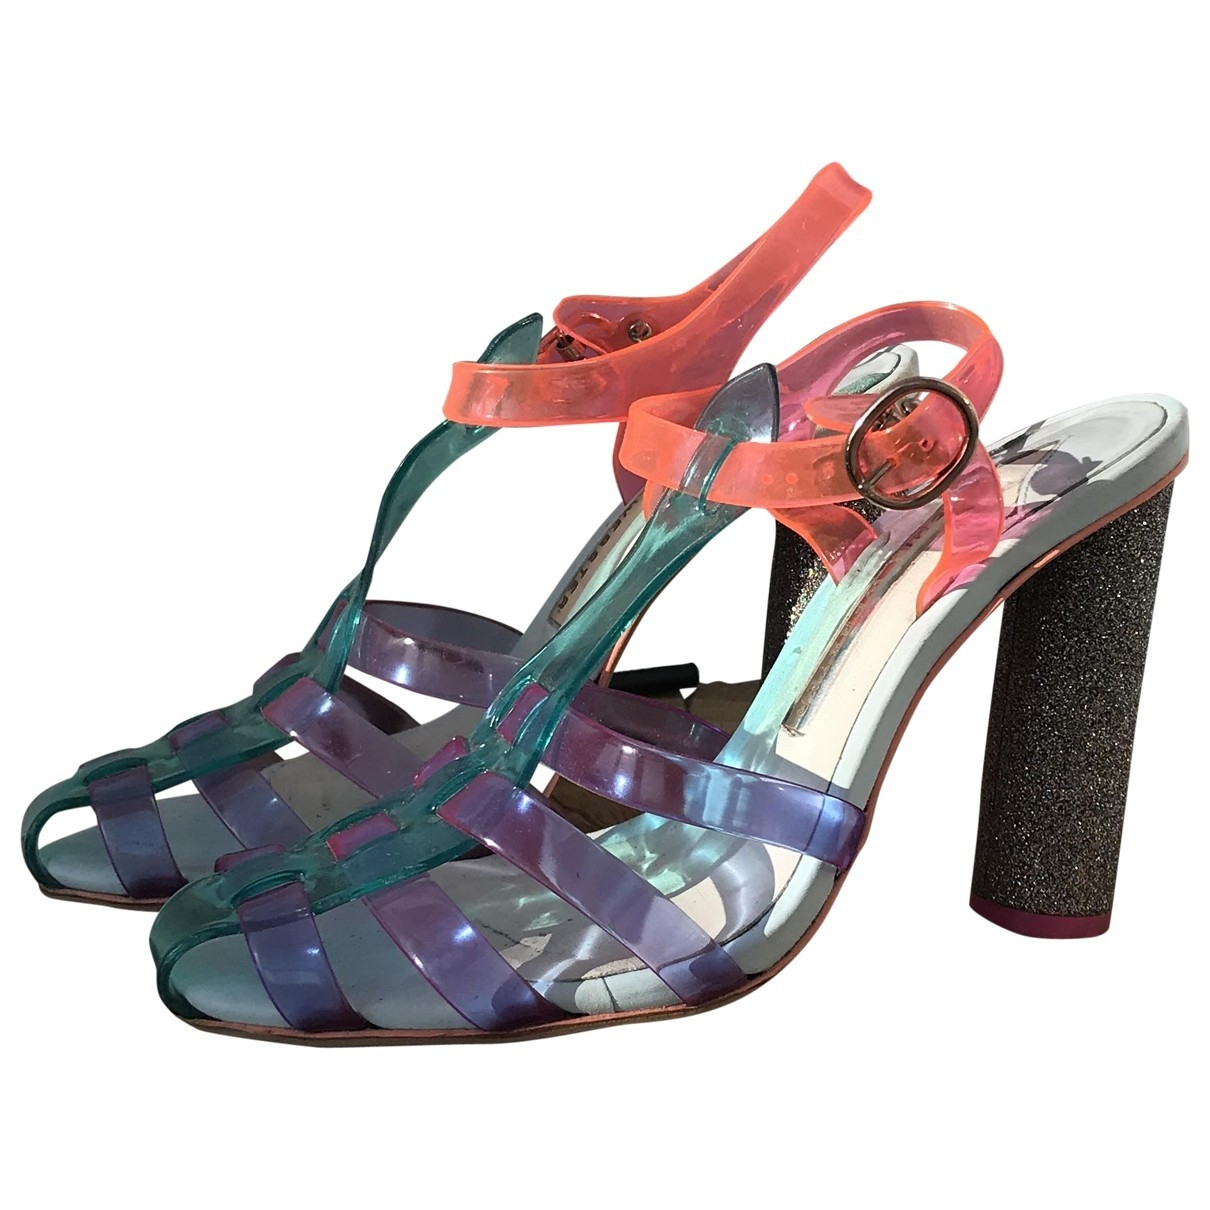 Sophia Webster - Sandales   pour femme - multicolore